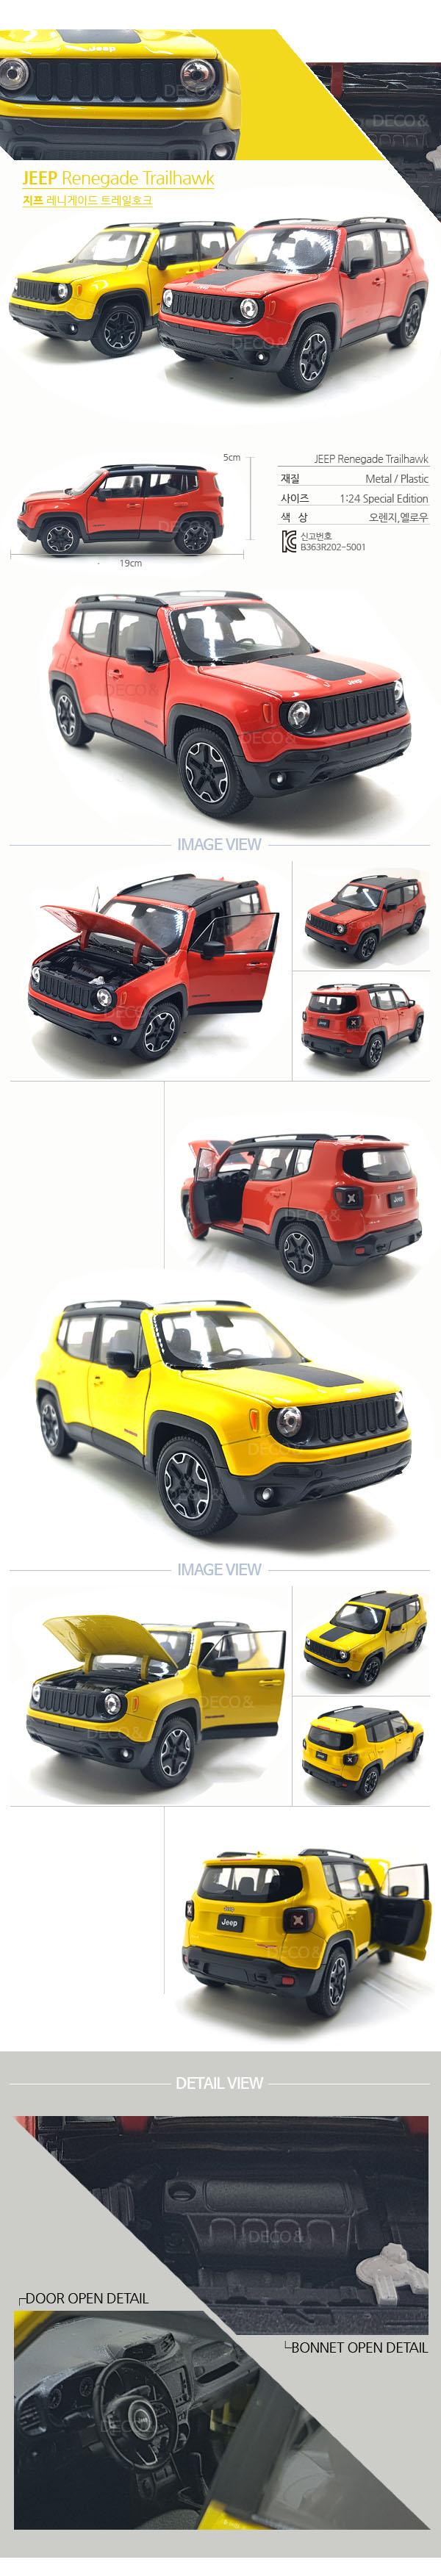 1-24웰리 지프 레니게이드 트레일호크 - 웰리, 30,000원, 자동차 모형, RV/SUV